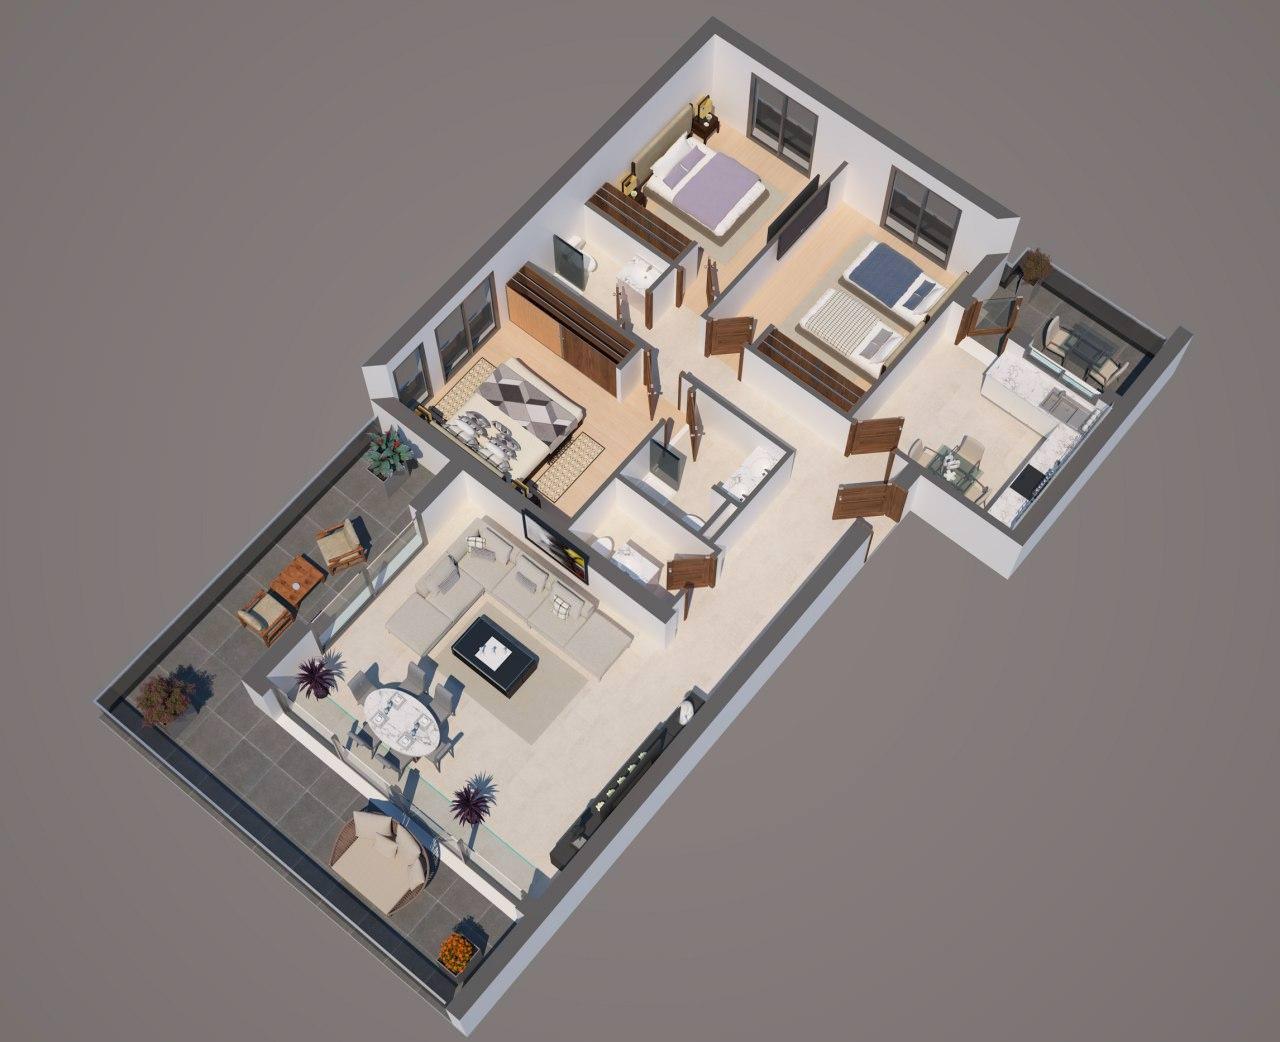 iCom-Agence-de-Communication-au-Maroc-Casablanca-creation-site-web-images-3d-architecture2020-05-27 at 5.17.23 PM